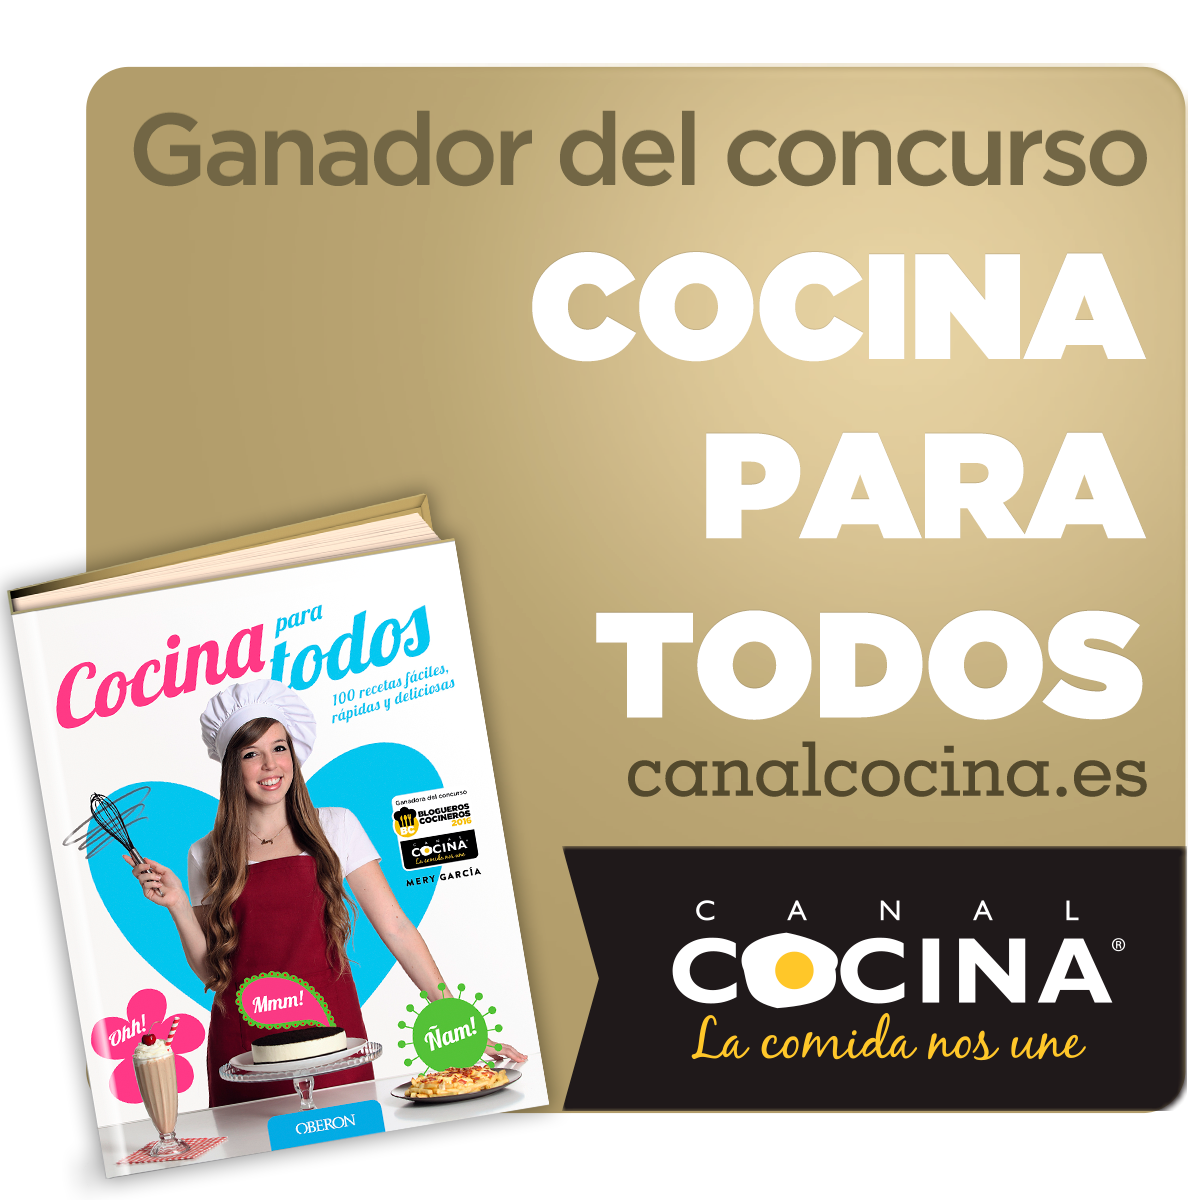 Los dulces secretos de cuca concursos for Cosina para todos